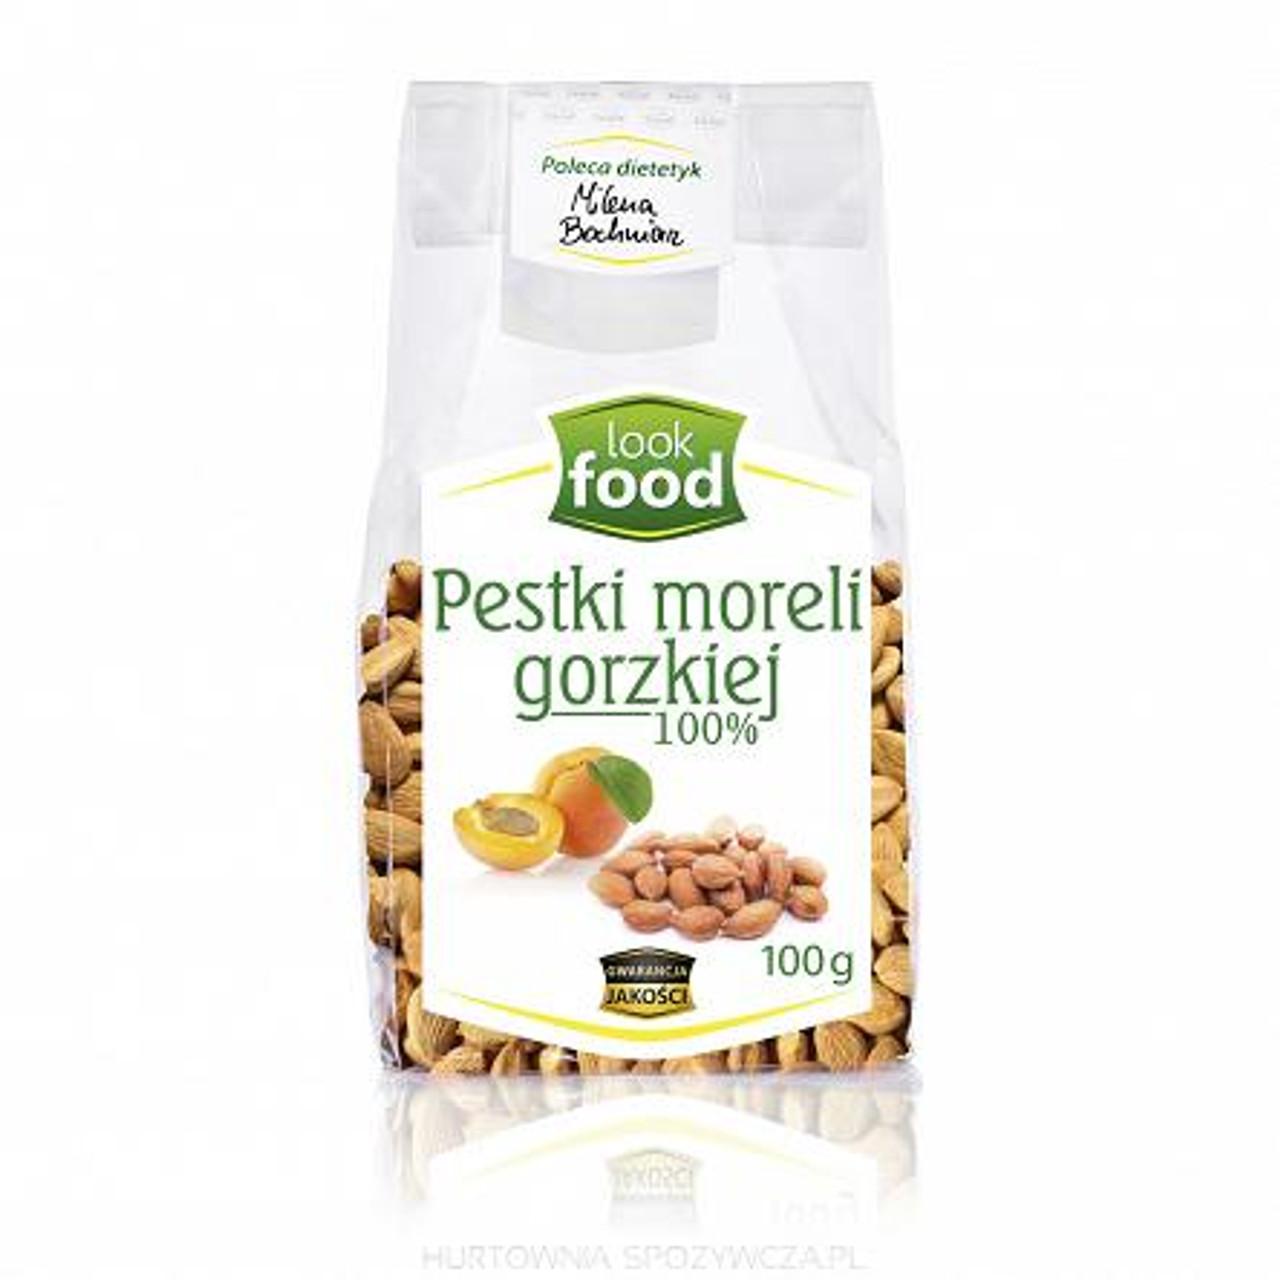 Apricot Kernels Vitamin B17 Pestki Moreli Gorzkiej Witamina B17 100g Almanora